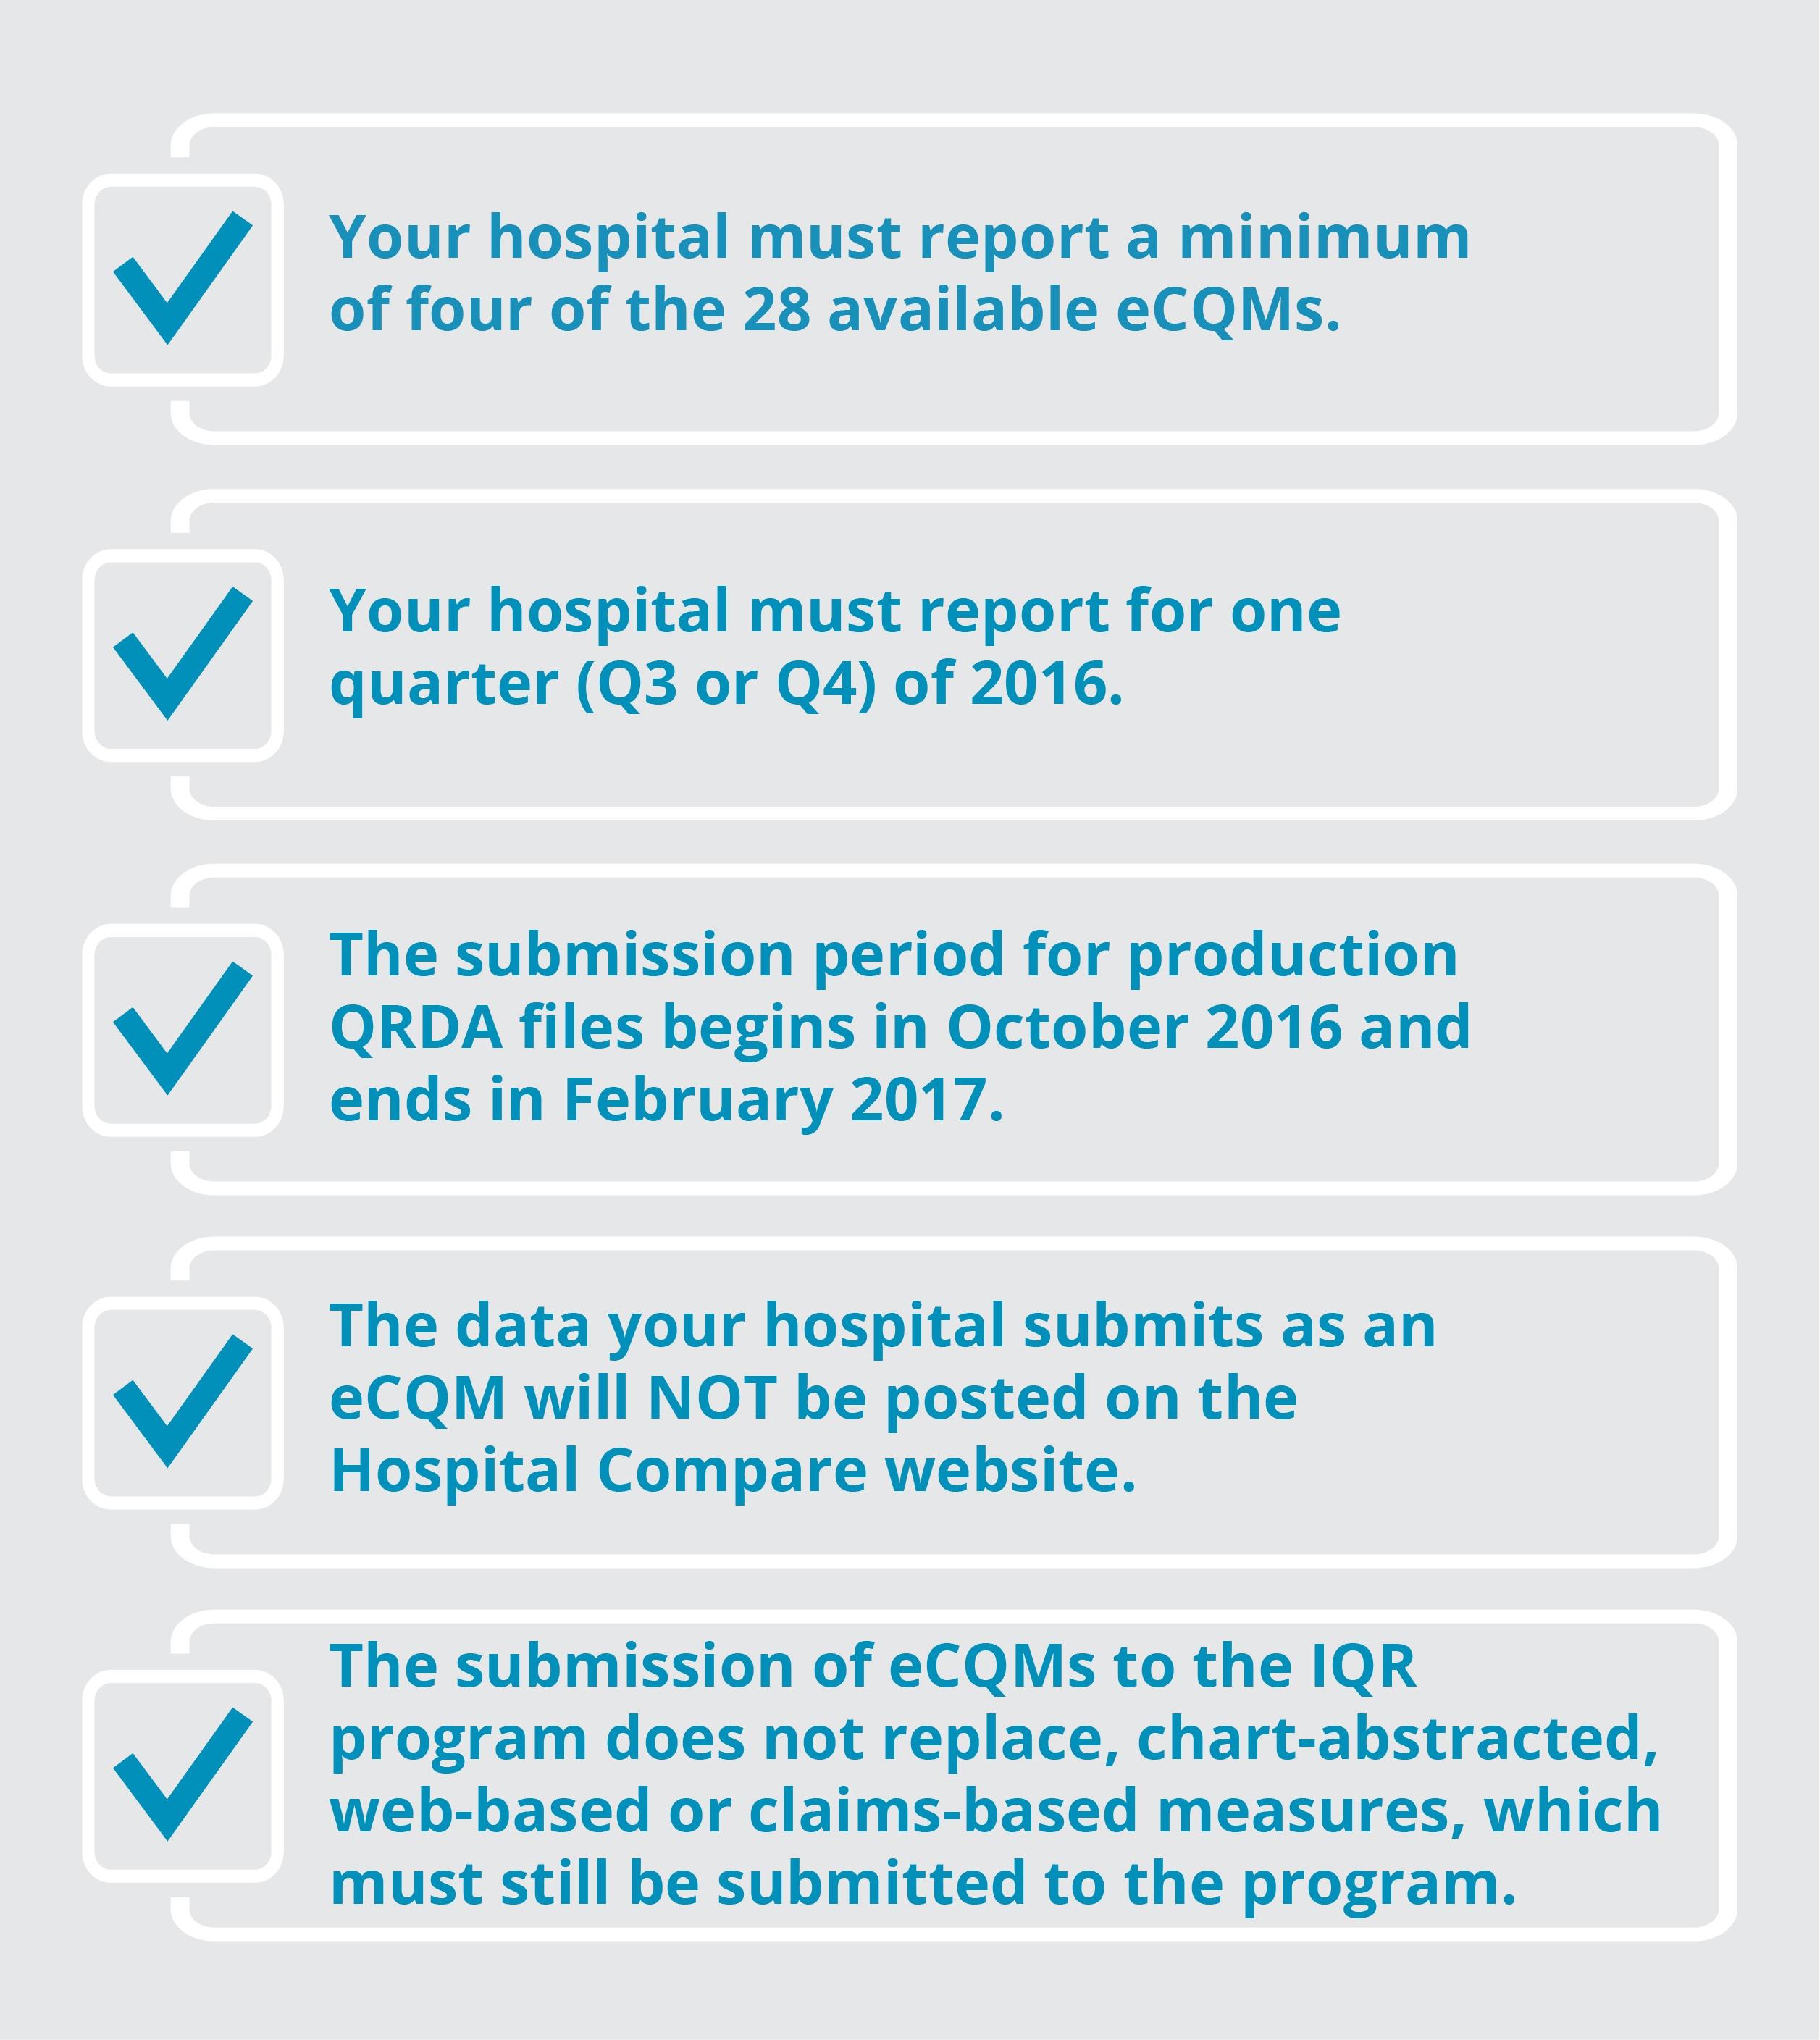 eCQM Requirements 2016